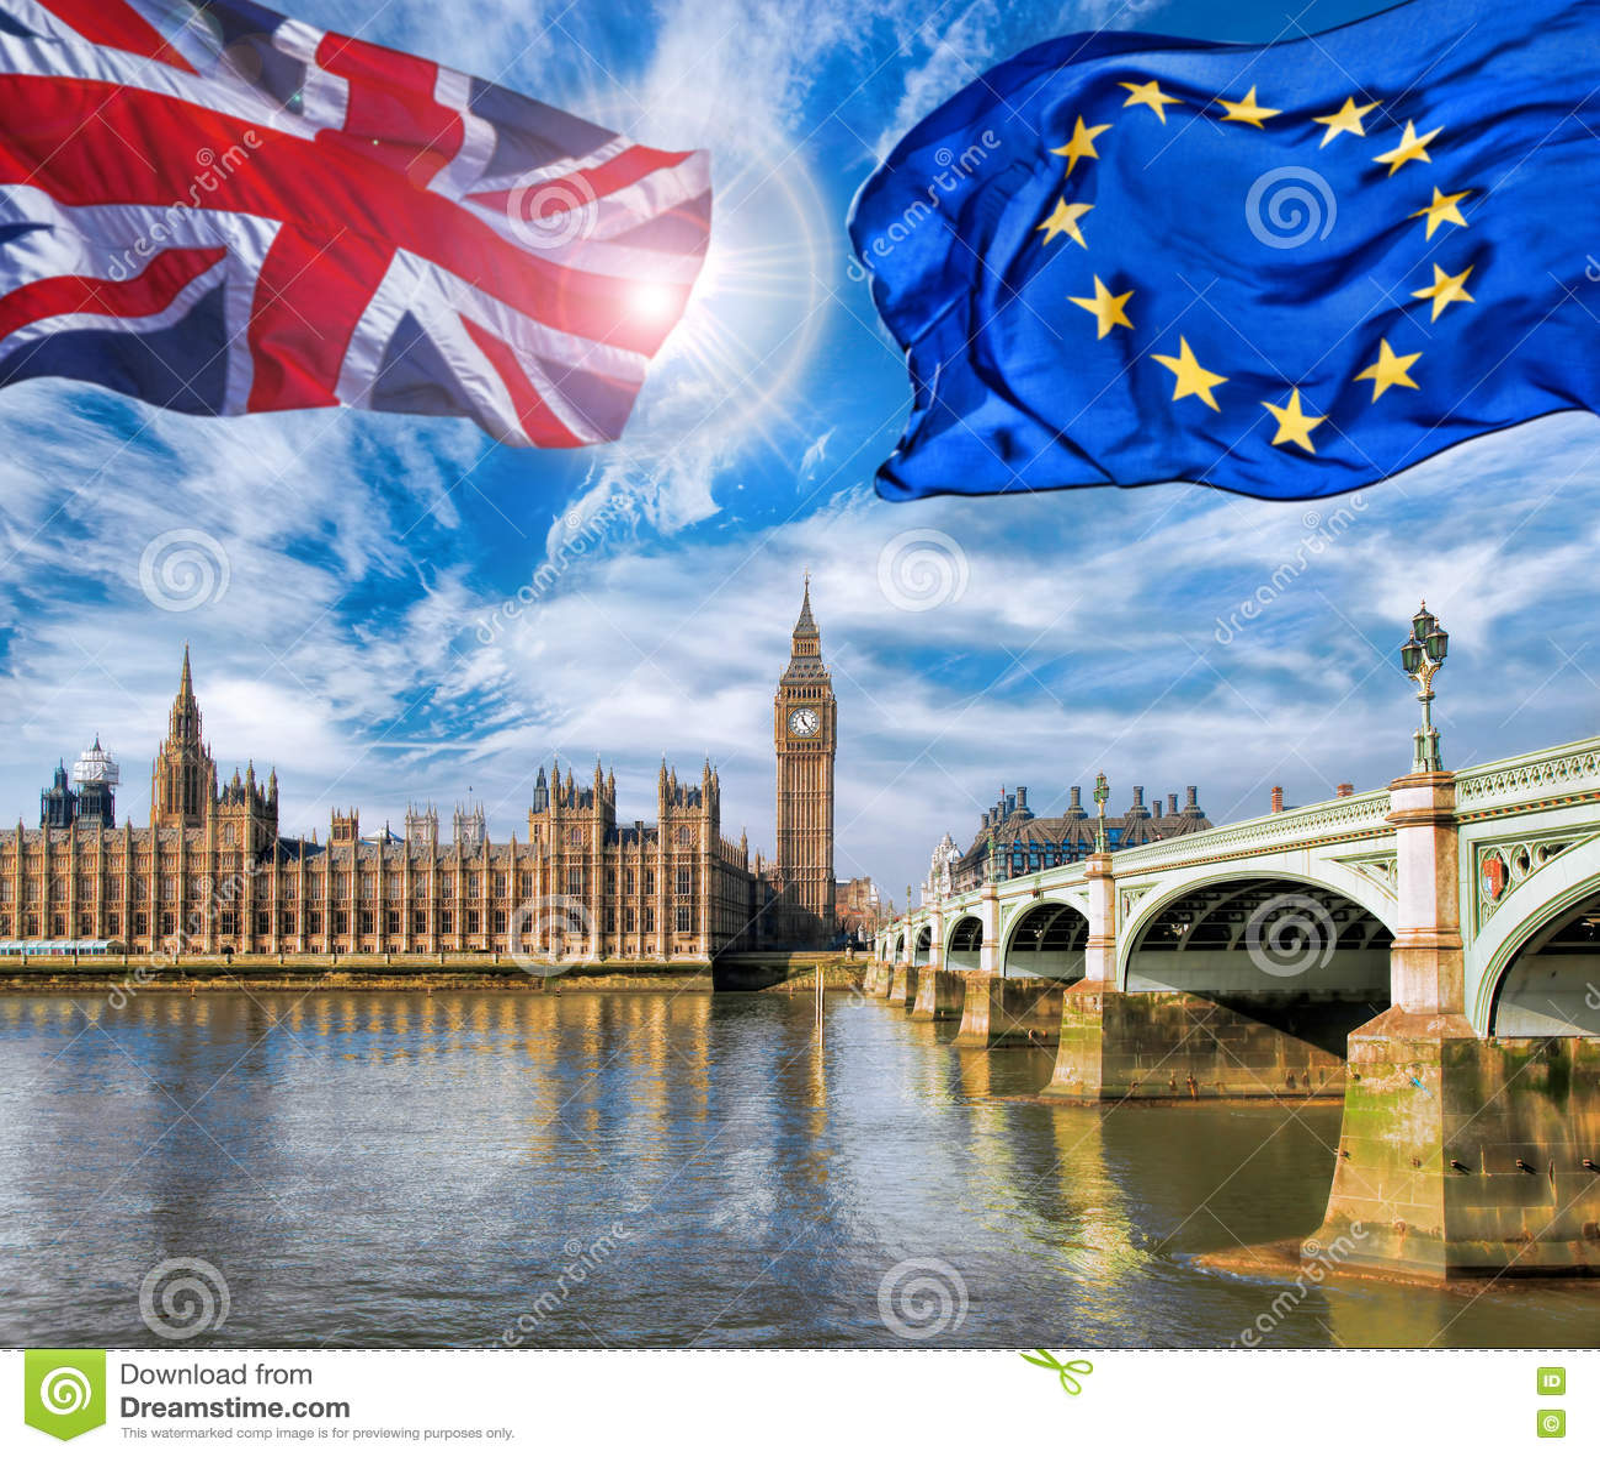 Unione Europea E Volo Britannico Della Bandiera Del ...